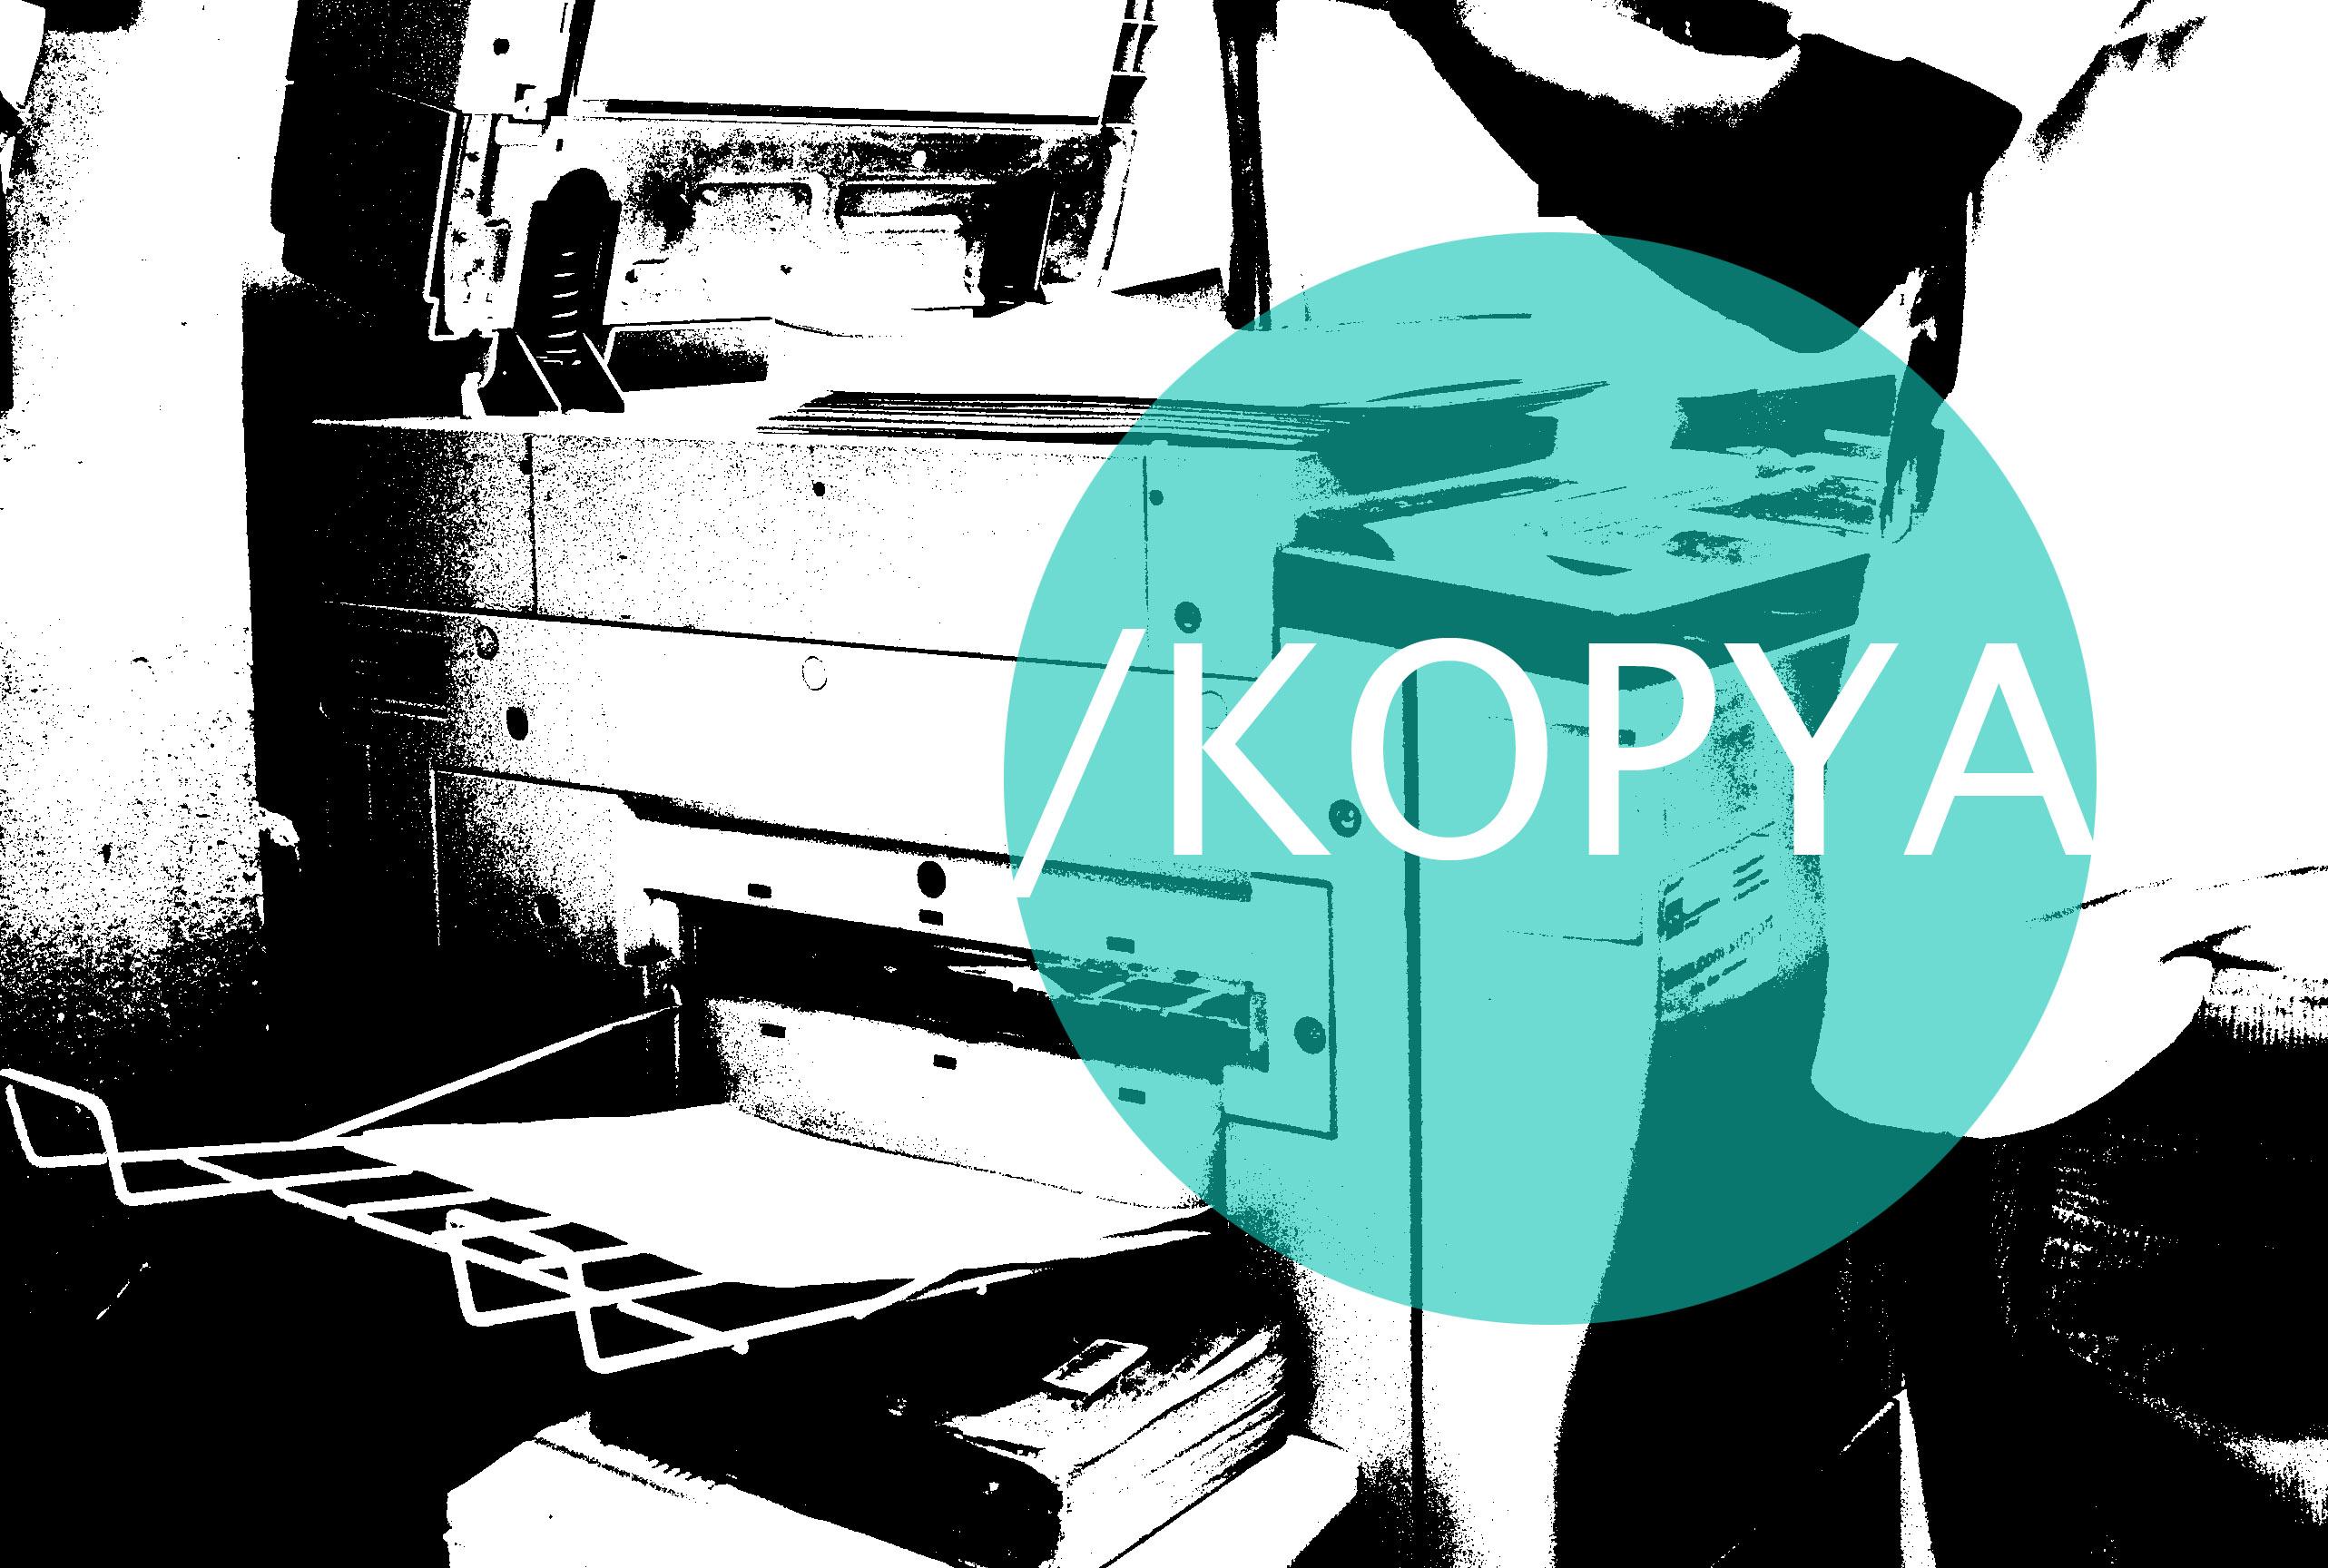 Kopya